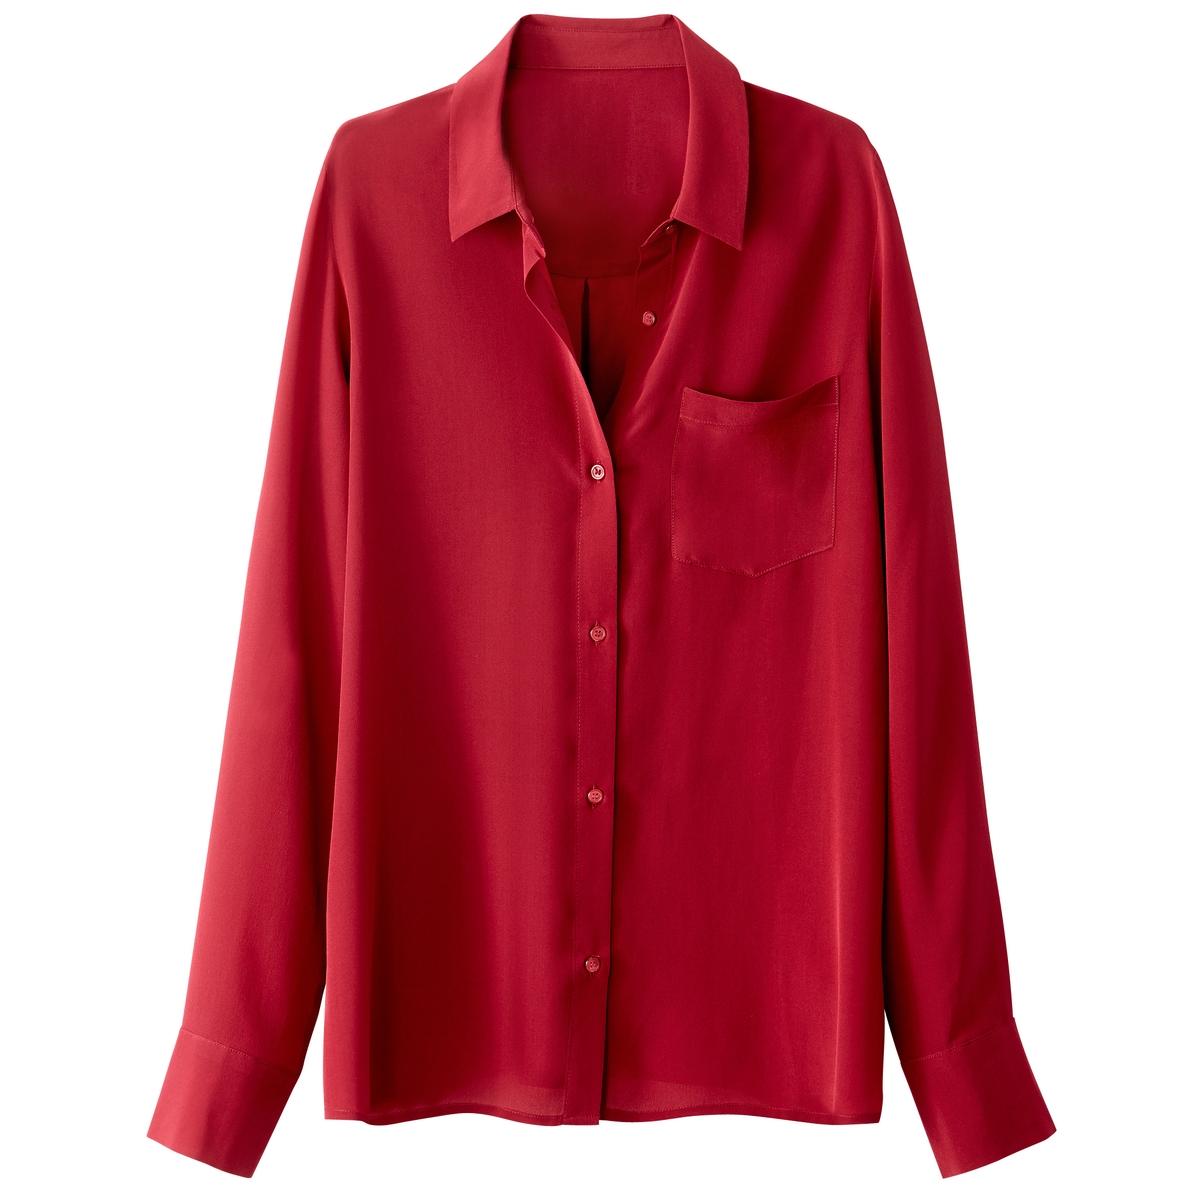 Рубашка из шелка с боковым карманомДетали •  Длинные рукава •  Приталенный покрой   •  Воротник-поло, рубашечный  •  Кончики воротника на пуговицахСостав и уход •  100% шелк •  Ручная стирка •  Сухая чистка и отбеливатели запрещены •  Не использовать барабанную сушку   •  Низкая температура глажки<br><br>Цвет: сливовый,темно-синий,экрю<br>Размер: 38 (FR) - 44 (RUS).36 (FR) - 42 (RUS).34 (FR) - 40 (RUS).40 (FR) - 46 (RUS).46 (FR) - 52 (RUS).42 (FR) - 48 (RUS).36 (FR) - 42 (RUS).50 (FR) - 56 (RUS).48 (FR) - 54 (RUS).44 (FR) - 50 (RUS).38 (FR) - 44 (RUS).50 (FR) - 56 (RUS)